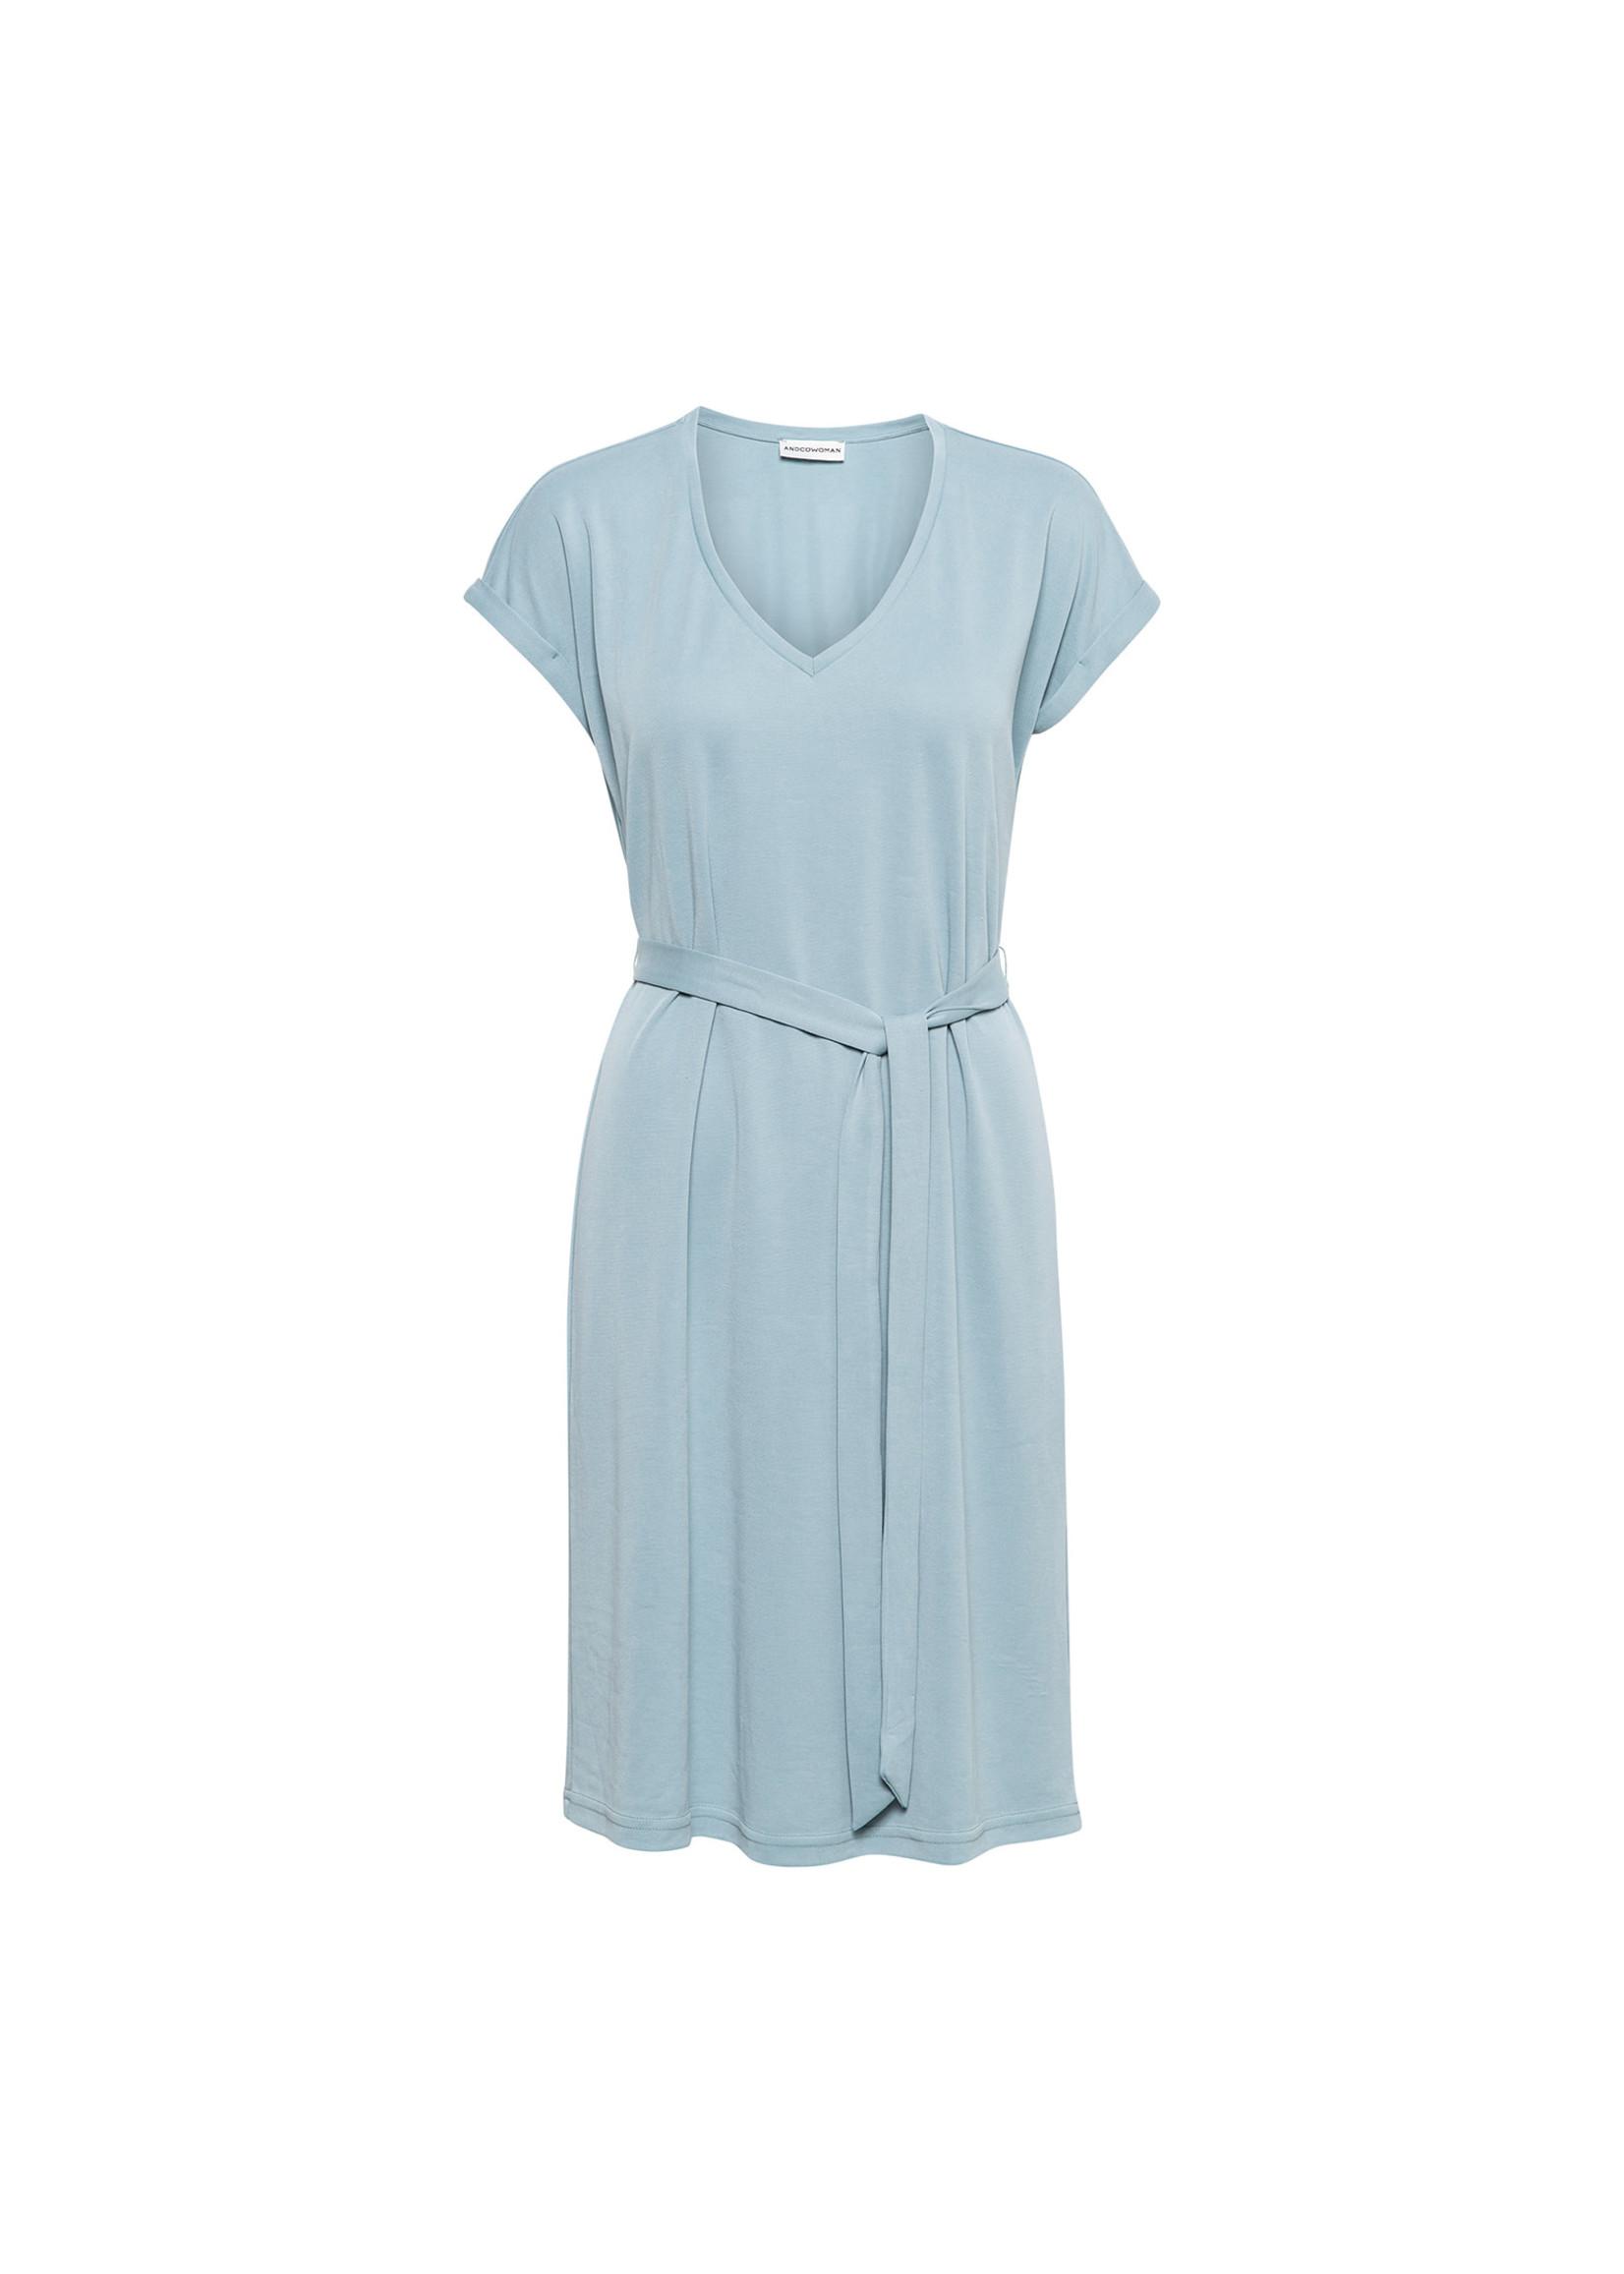 &Co Women METTE DRESS (OCEAN)